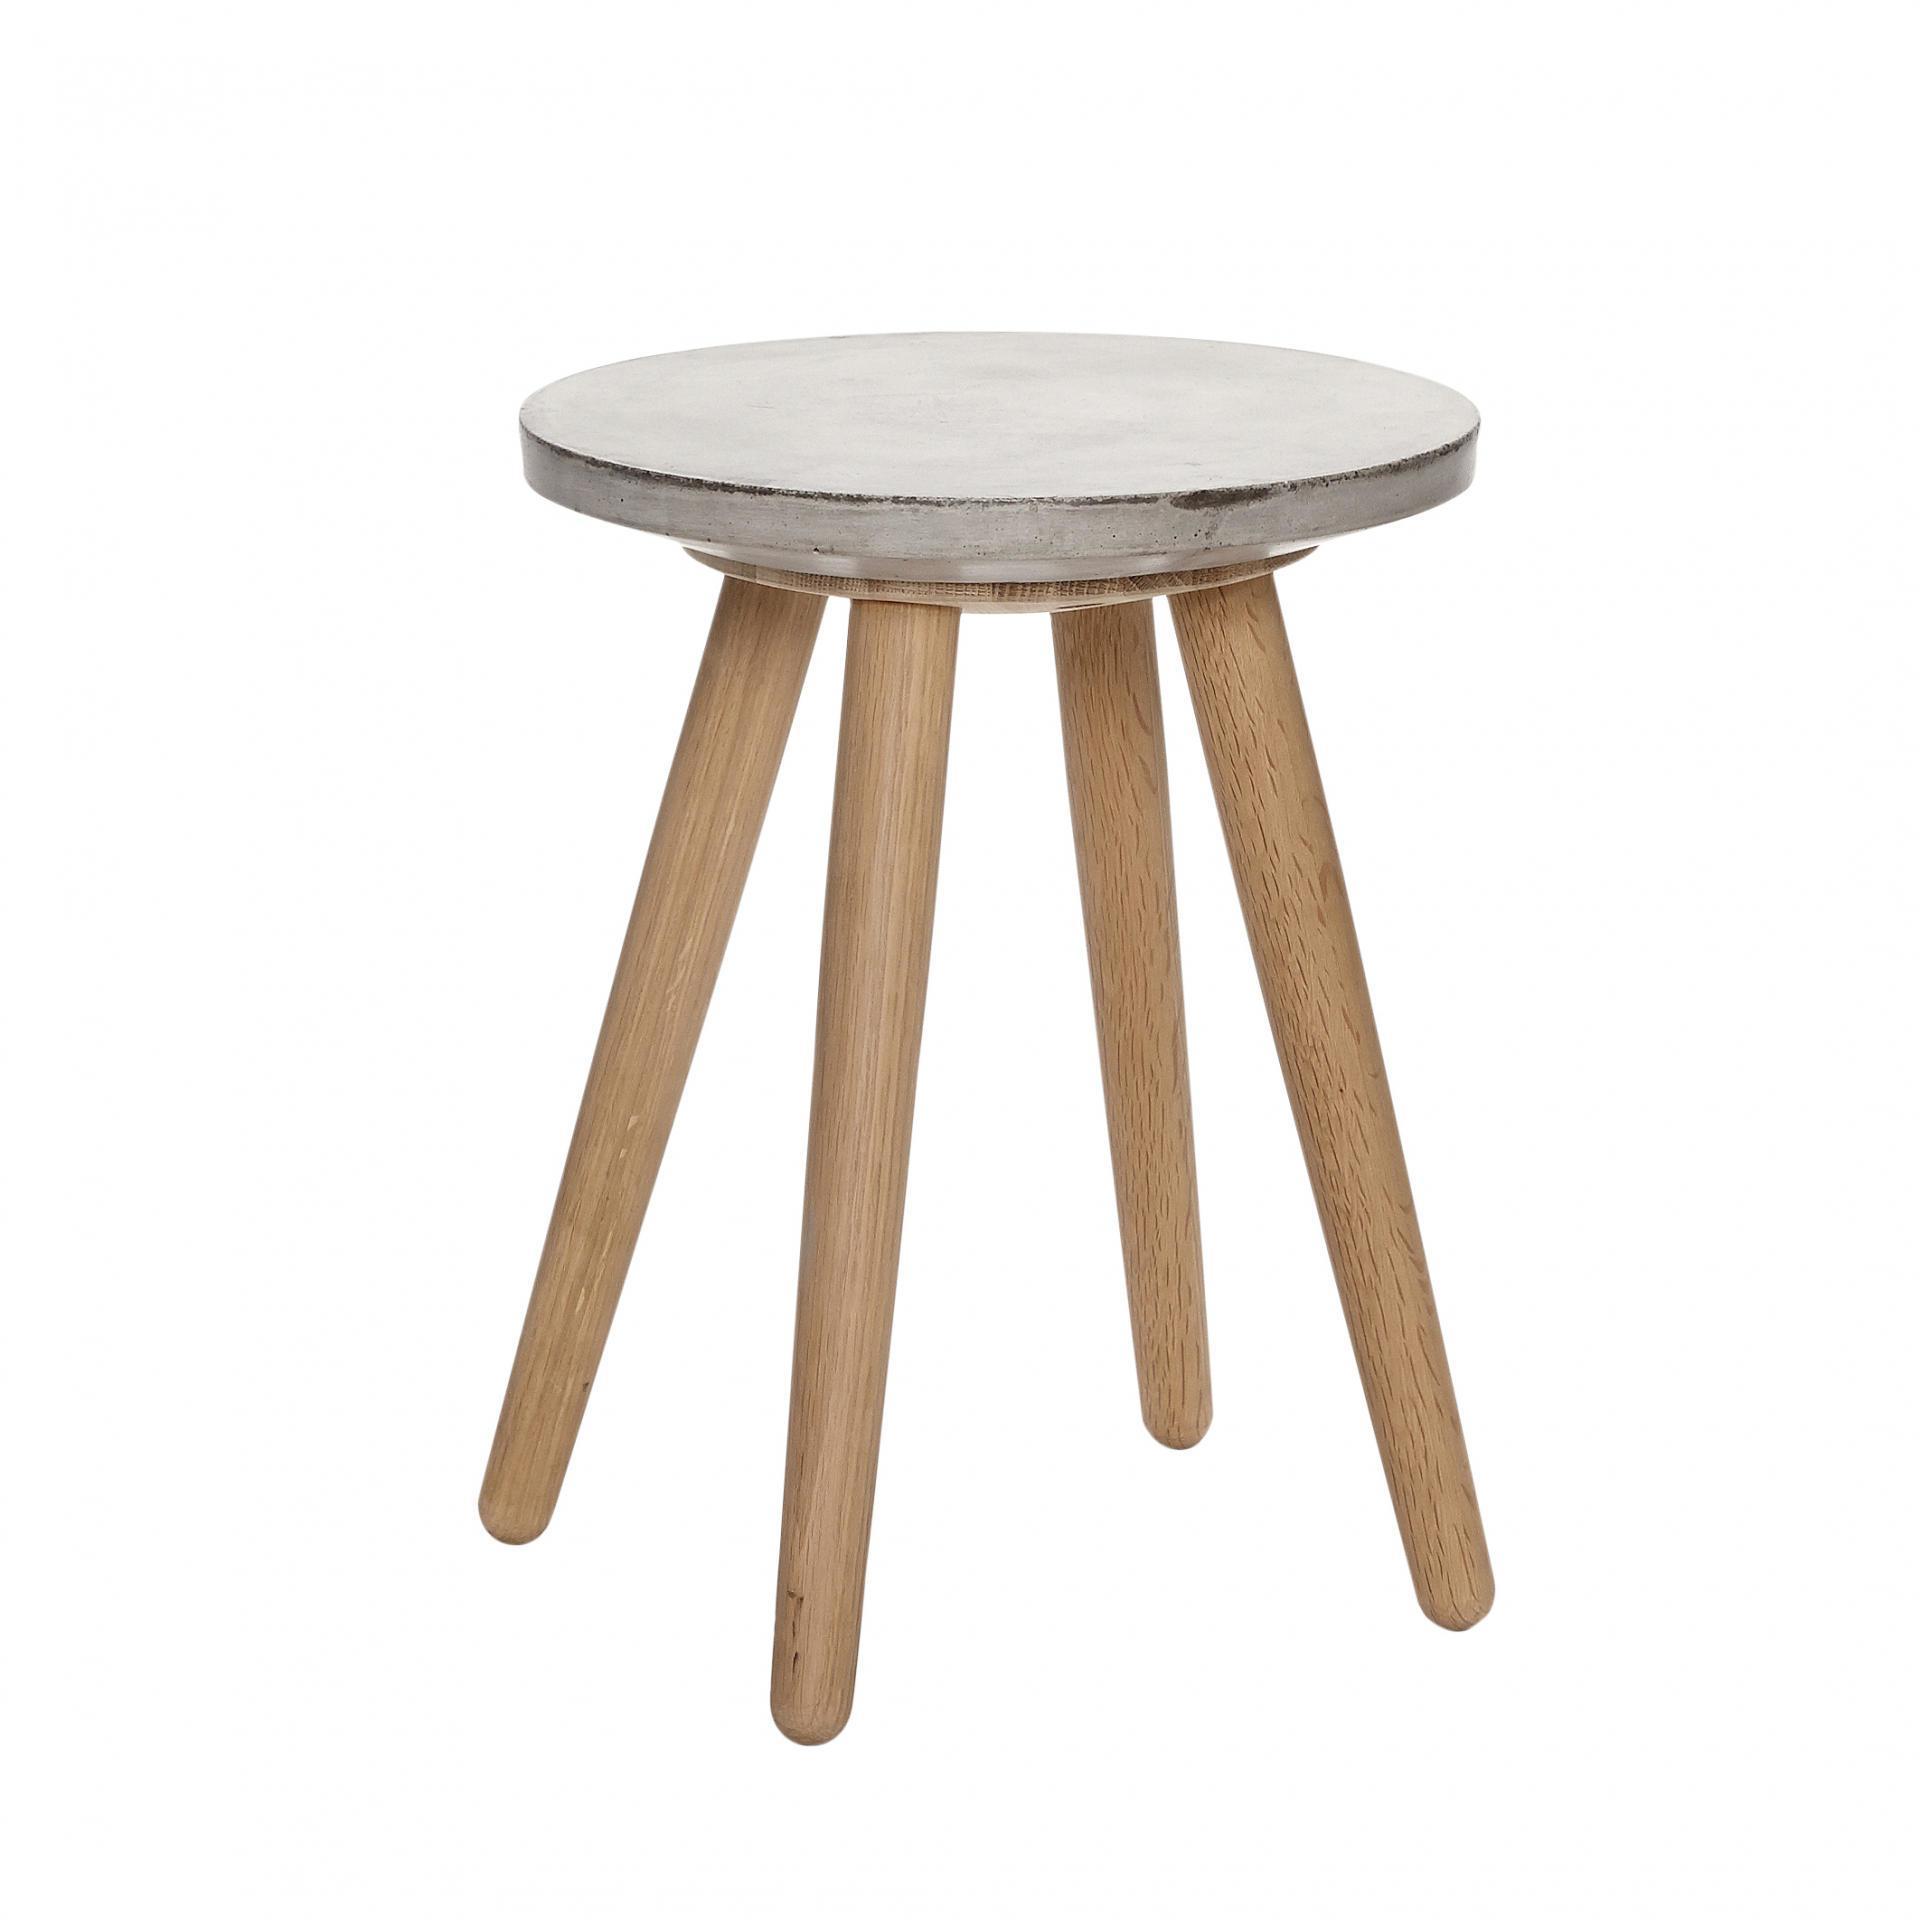 Hübsch Stolička s betonovým sedákem Oak/Concrete, béžová barva, šedá barva, dřevo, beton